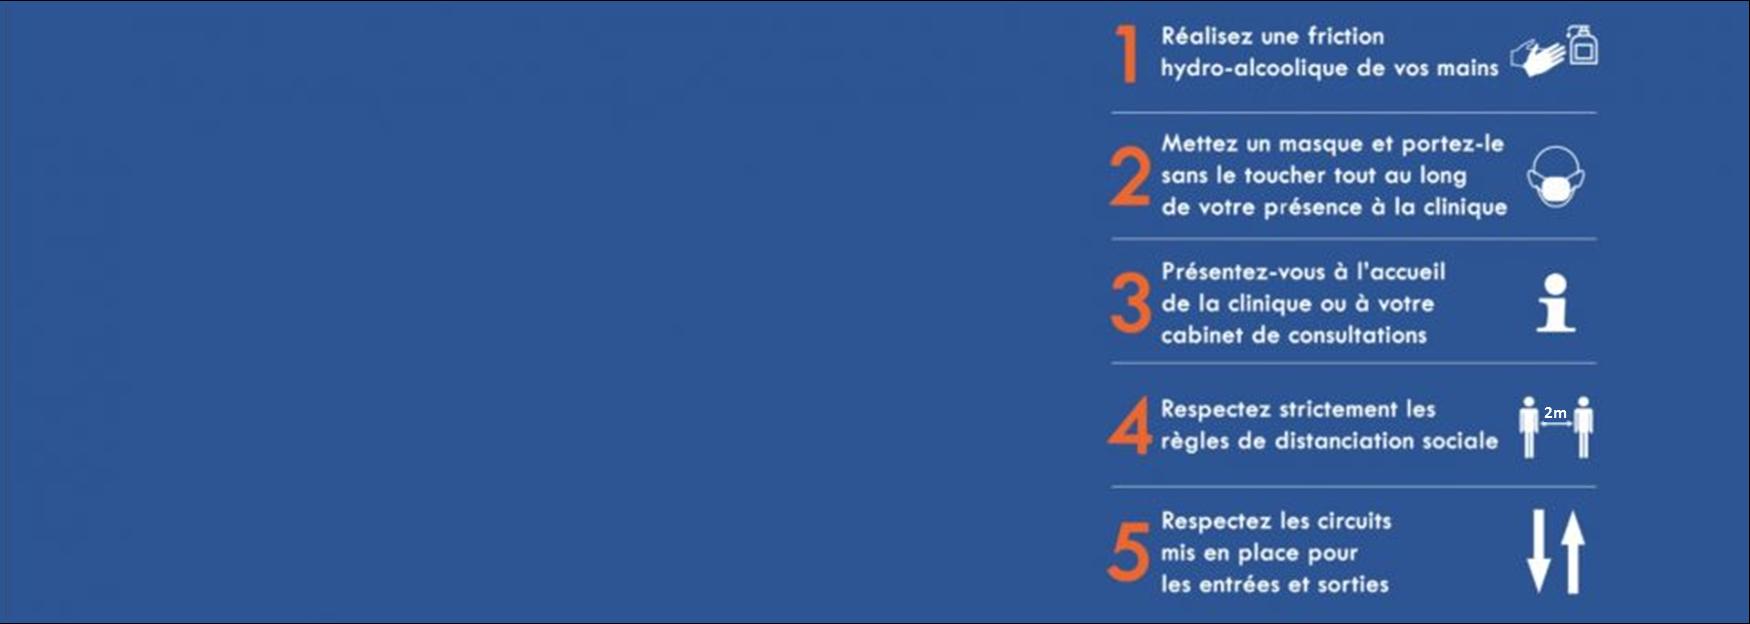 SE PROTÉGER ET PROTÉGER LES AUTRES.  La Clinique Synergia Luberon vous accueille en toute sécurité.  Les visites restent interdites jusqu'à nouvel ordre (sauf cas d'exception: personnes handicapées, mineurs, patients ne parlant pas le français, fin de vie ou situation humaine de détresse, séjours longs).